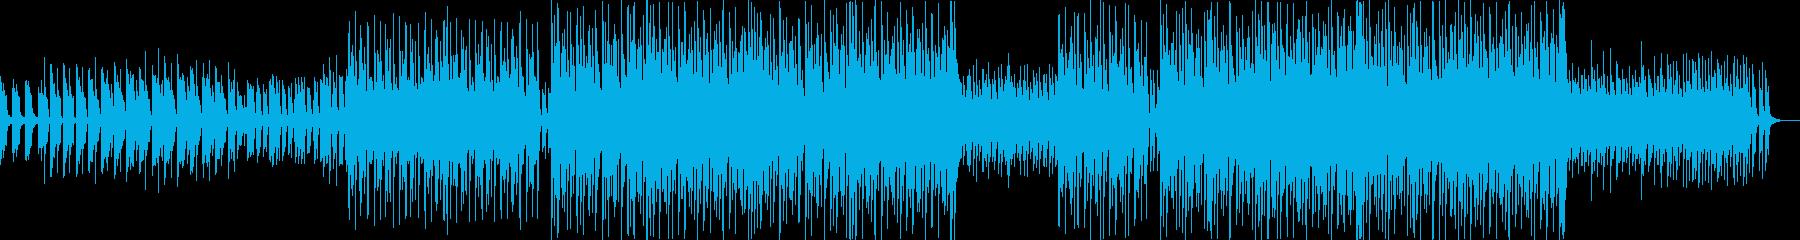 無機質でおしゃれ・アコギのテクノポップの再生済みの波形